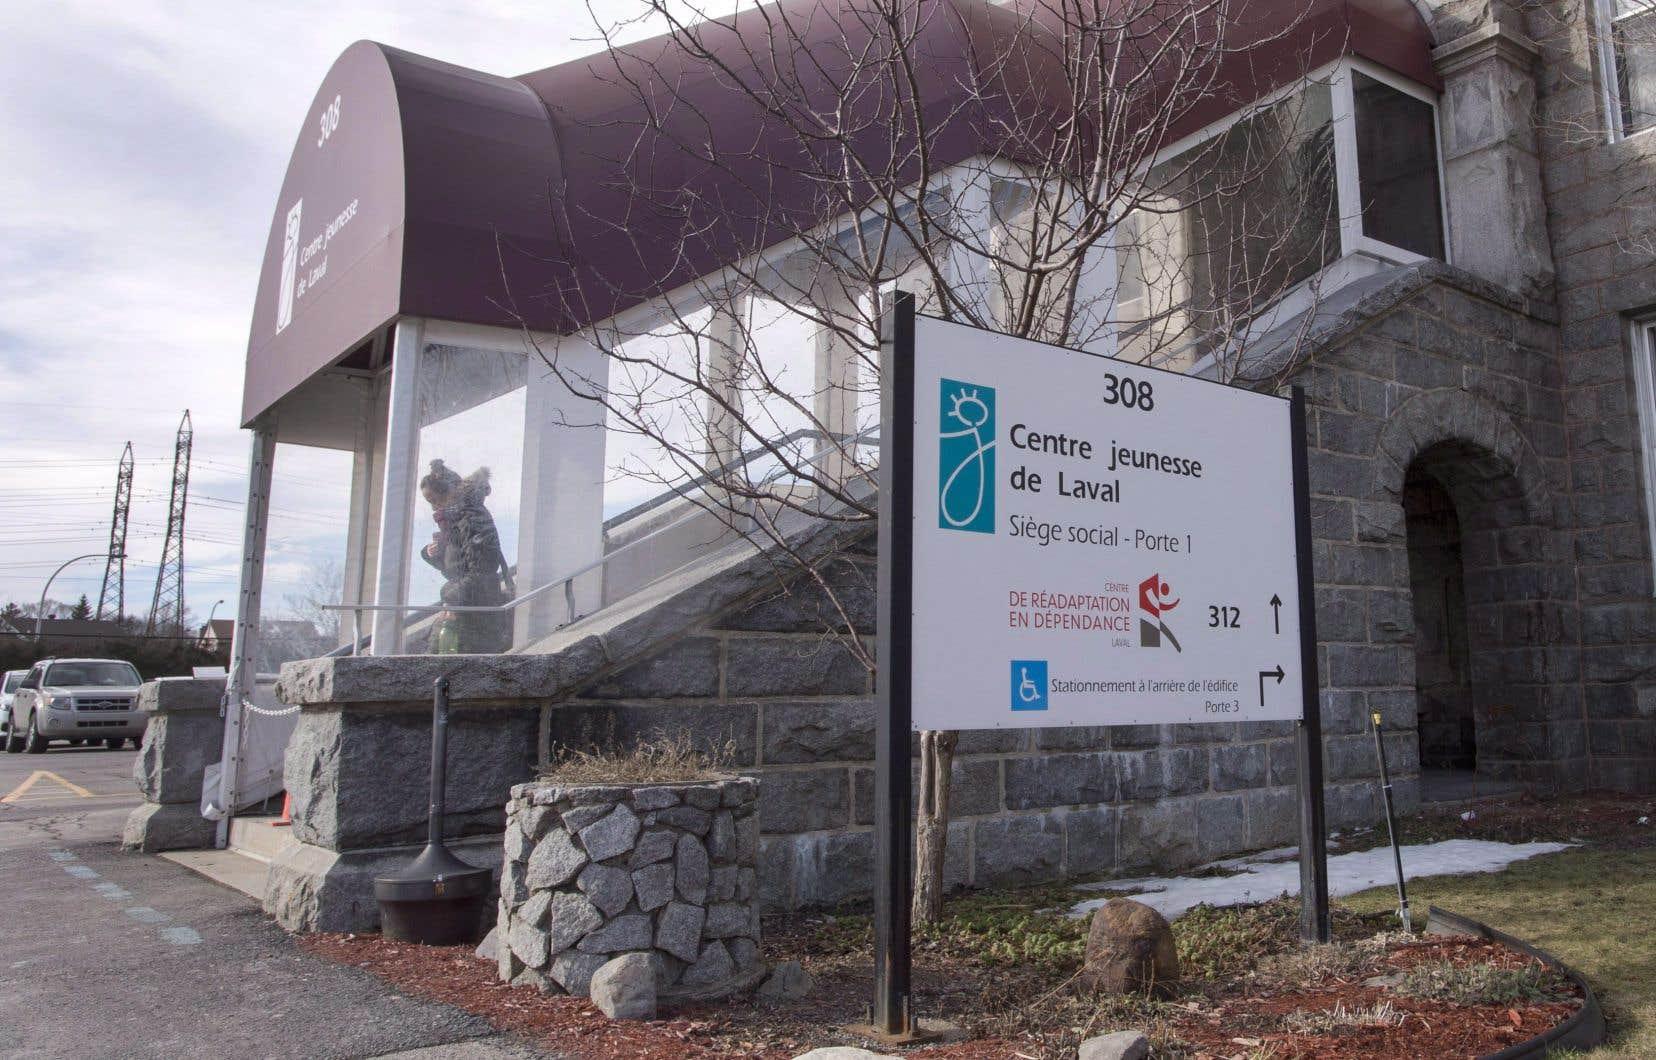 Le Centre jeunesse de Laval a souvent fait la manchette ces dernières années.